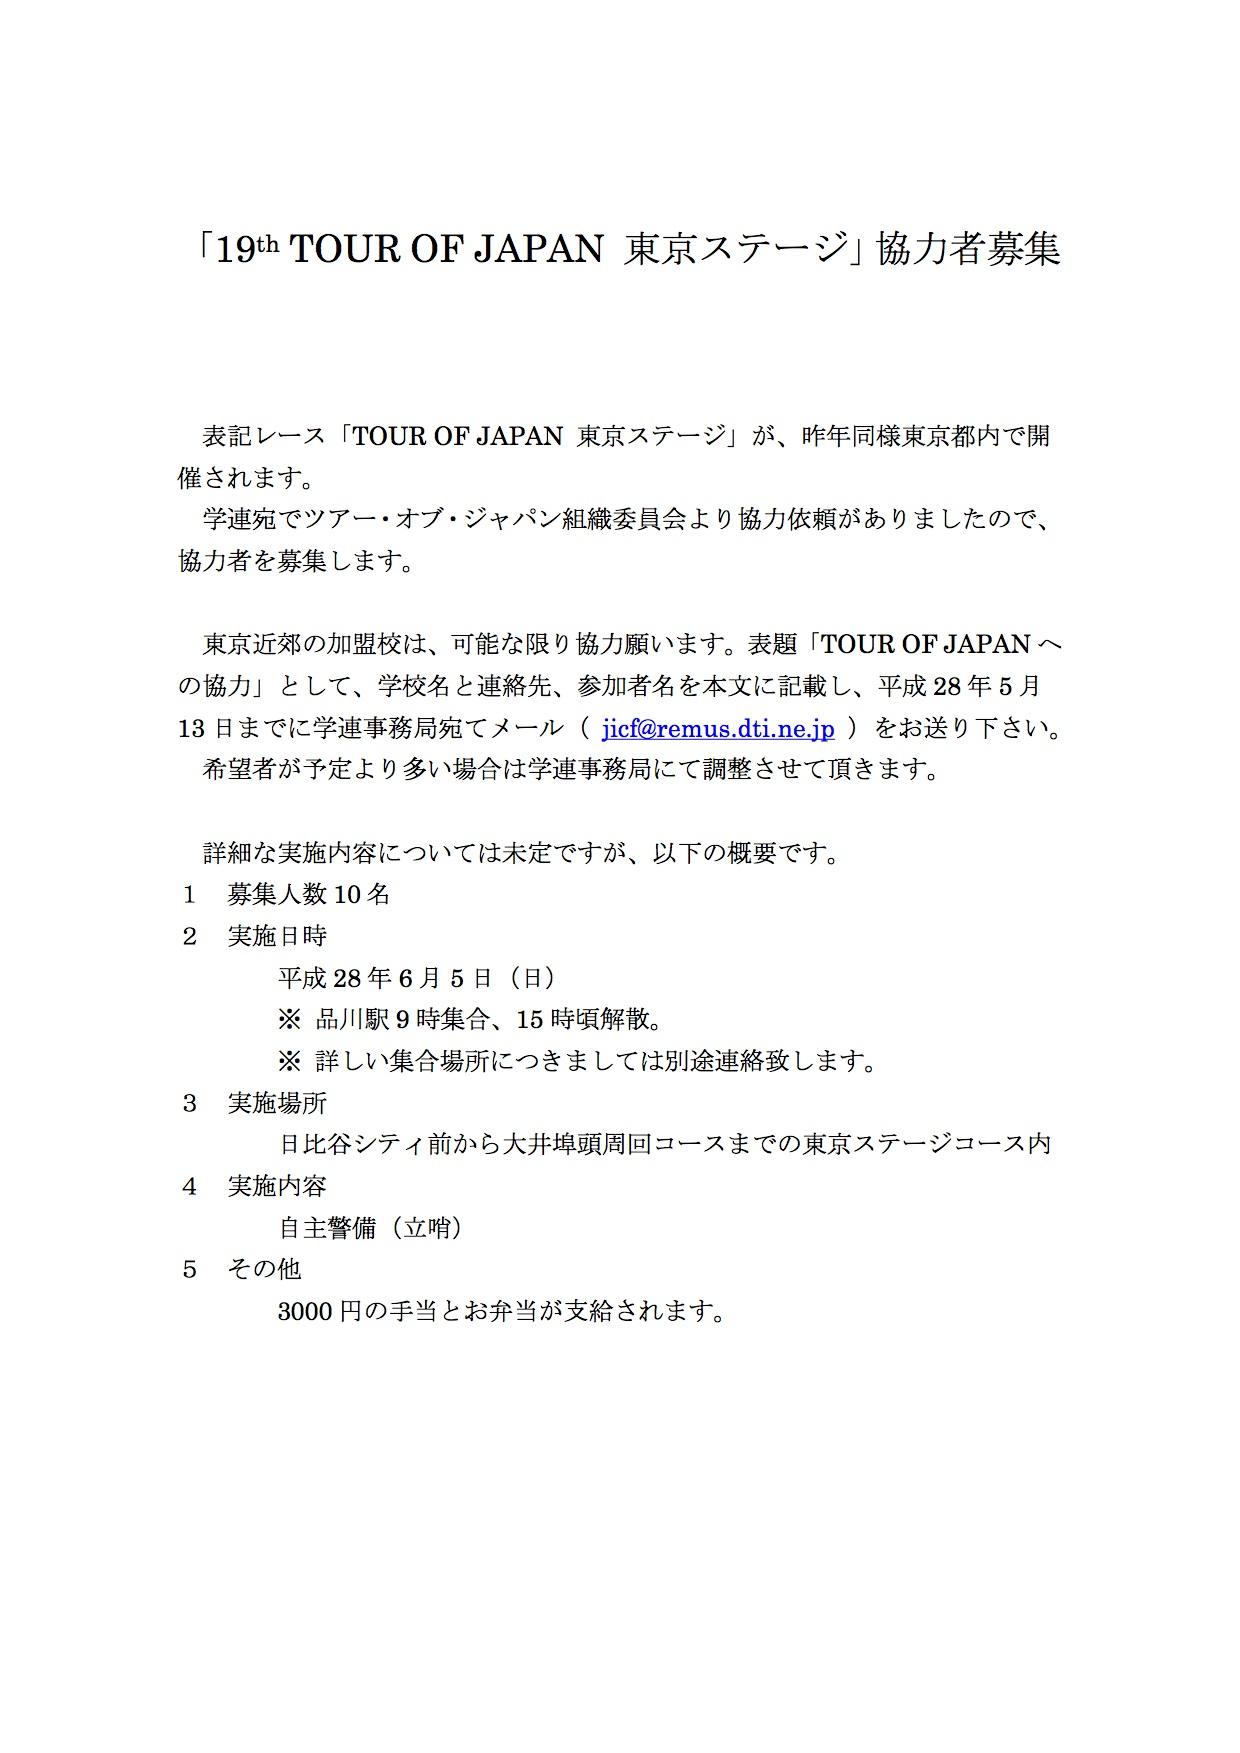 19toj_tokyo_stg_kyouryokusyaboshu_160502